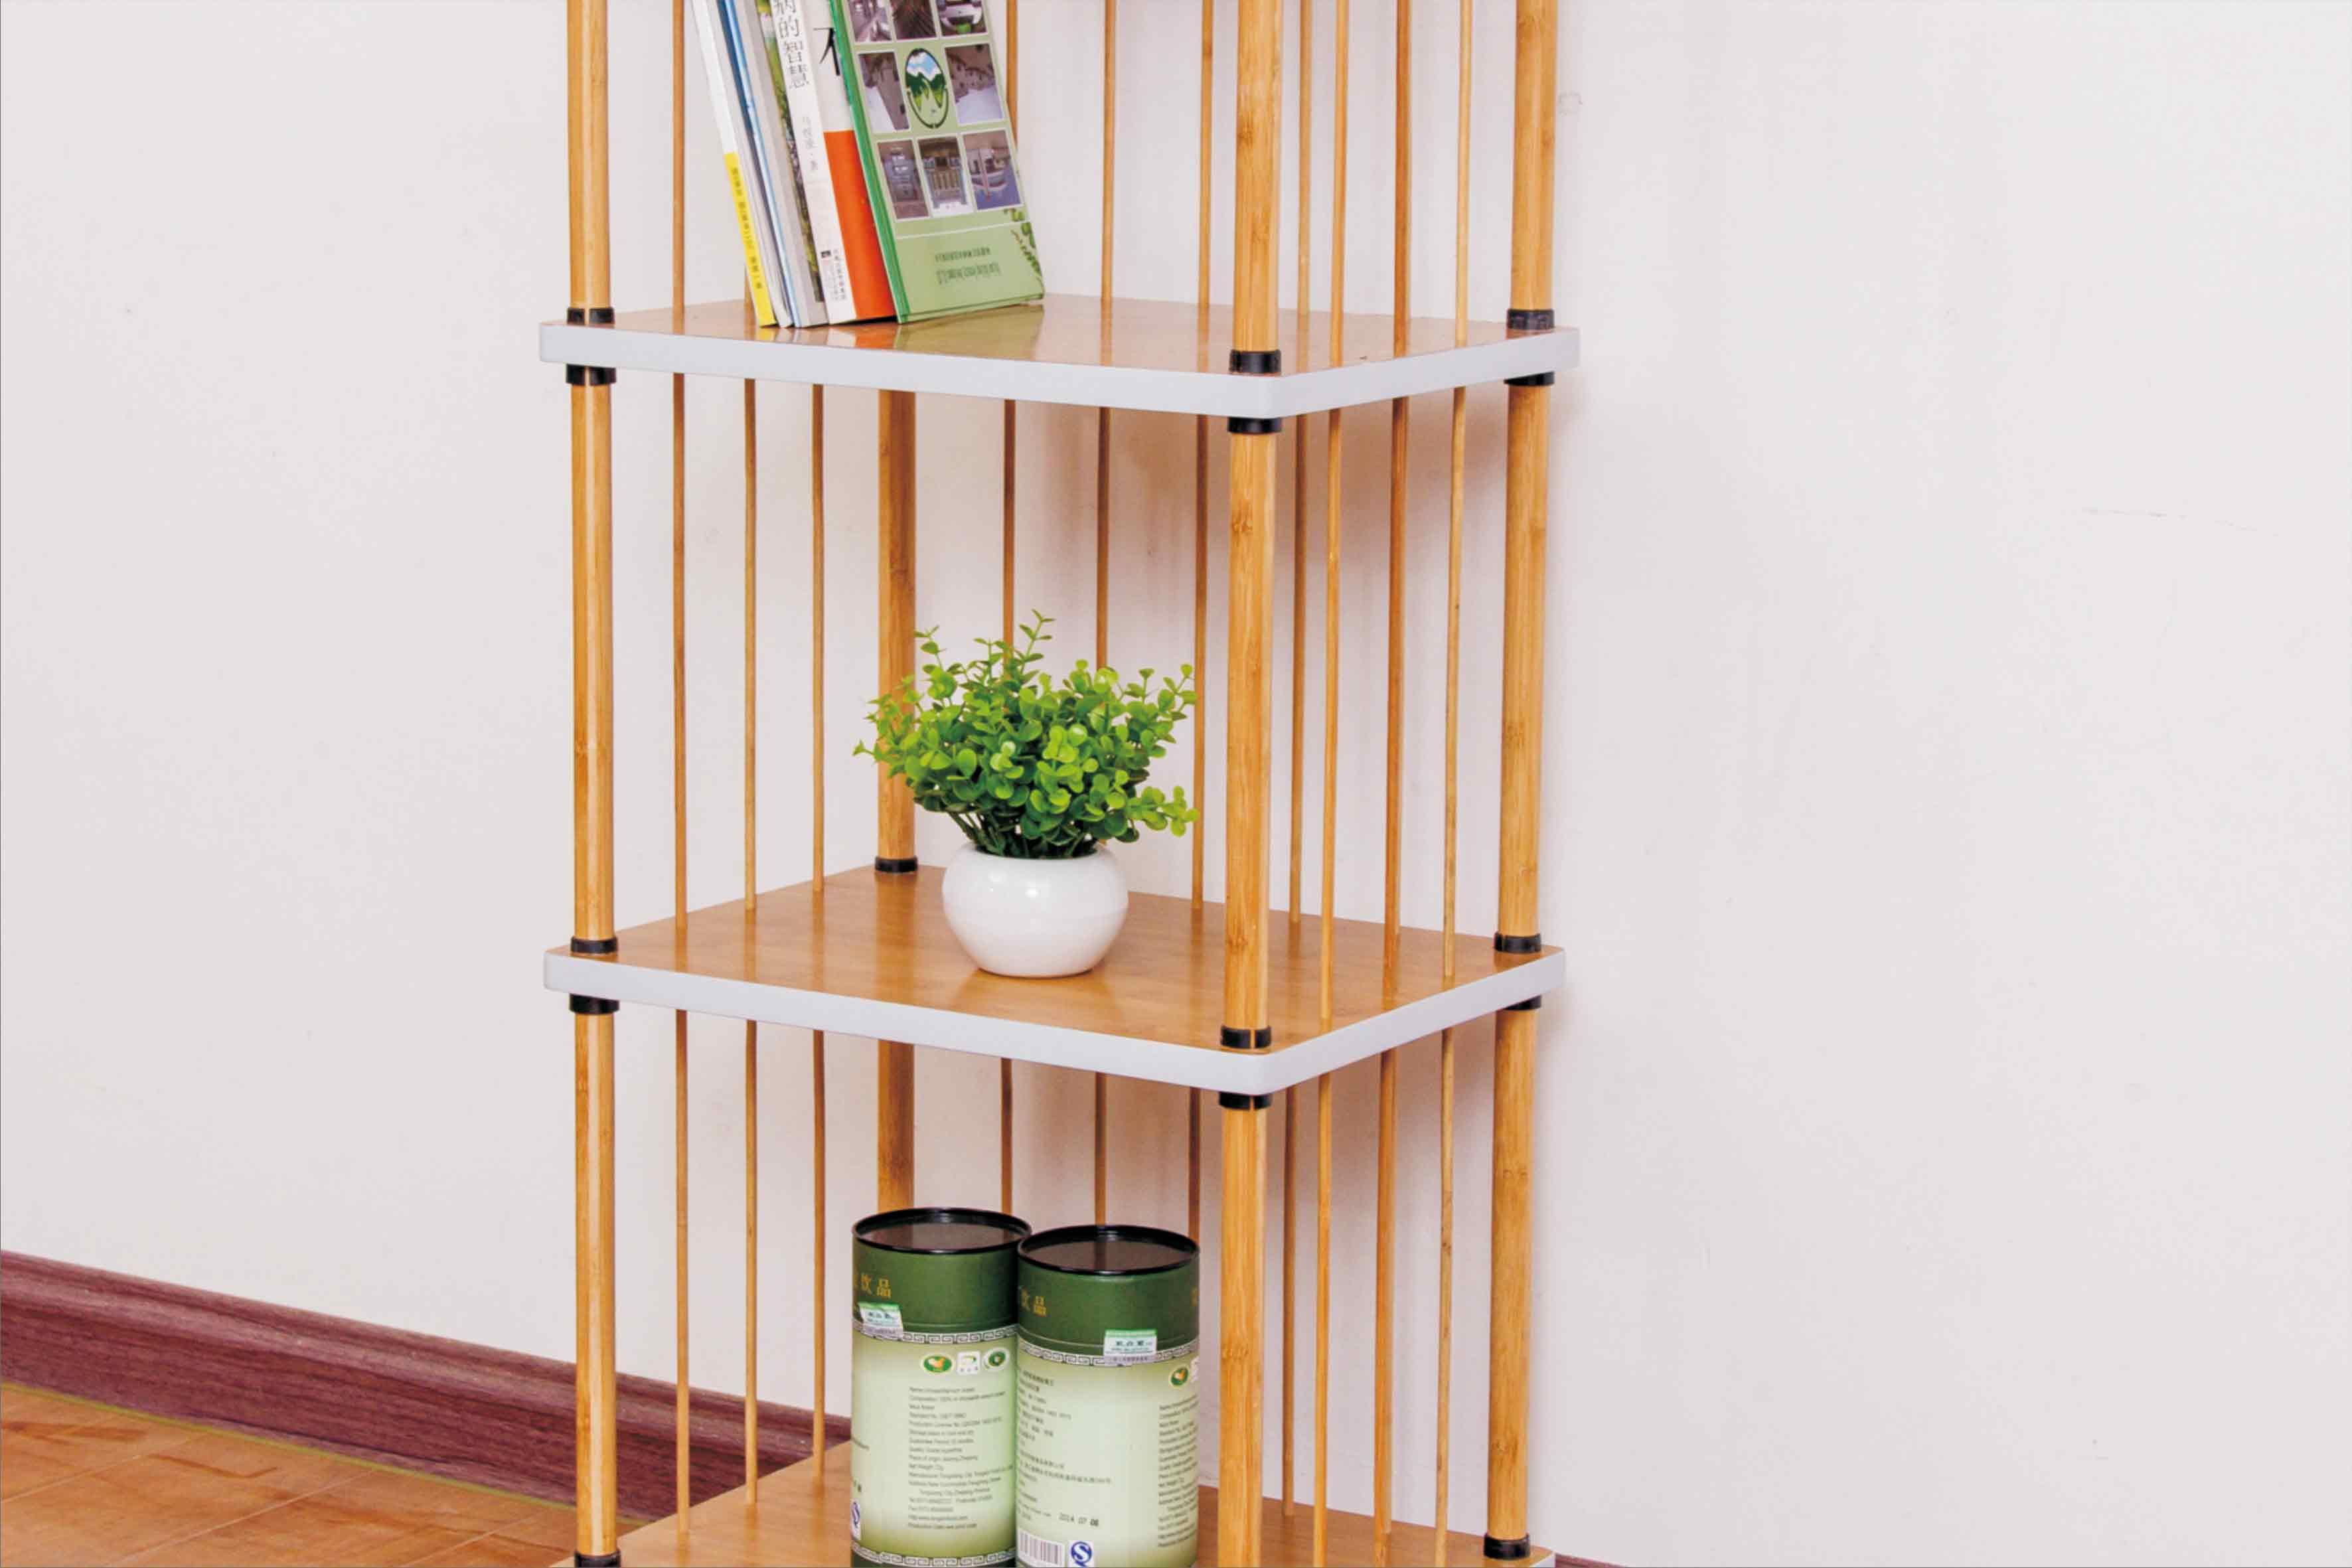 简约现代书架 楠竹创意置物架批发 无金属结构收纳架